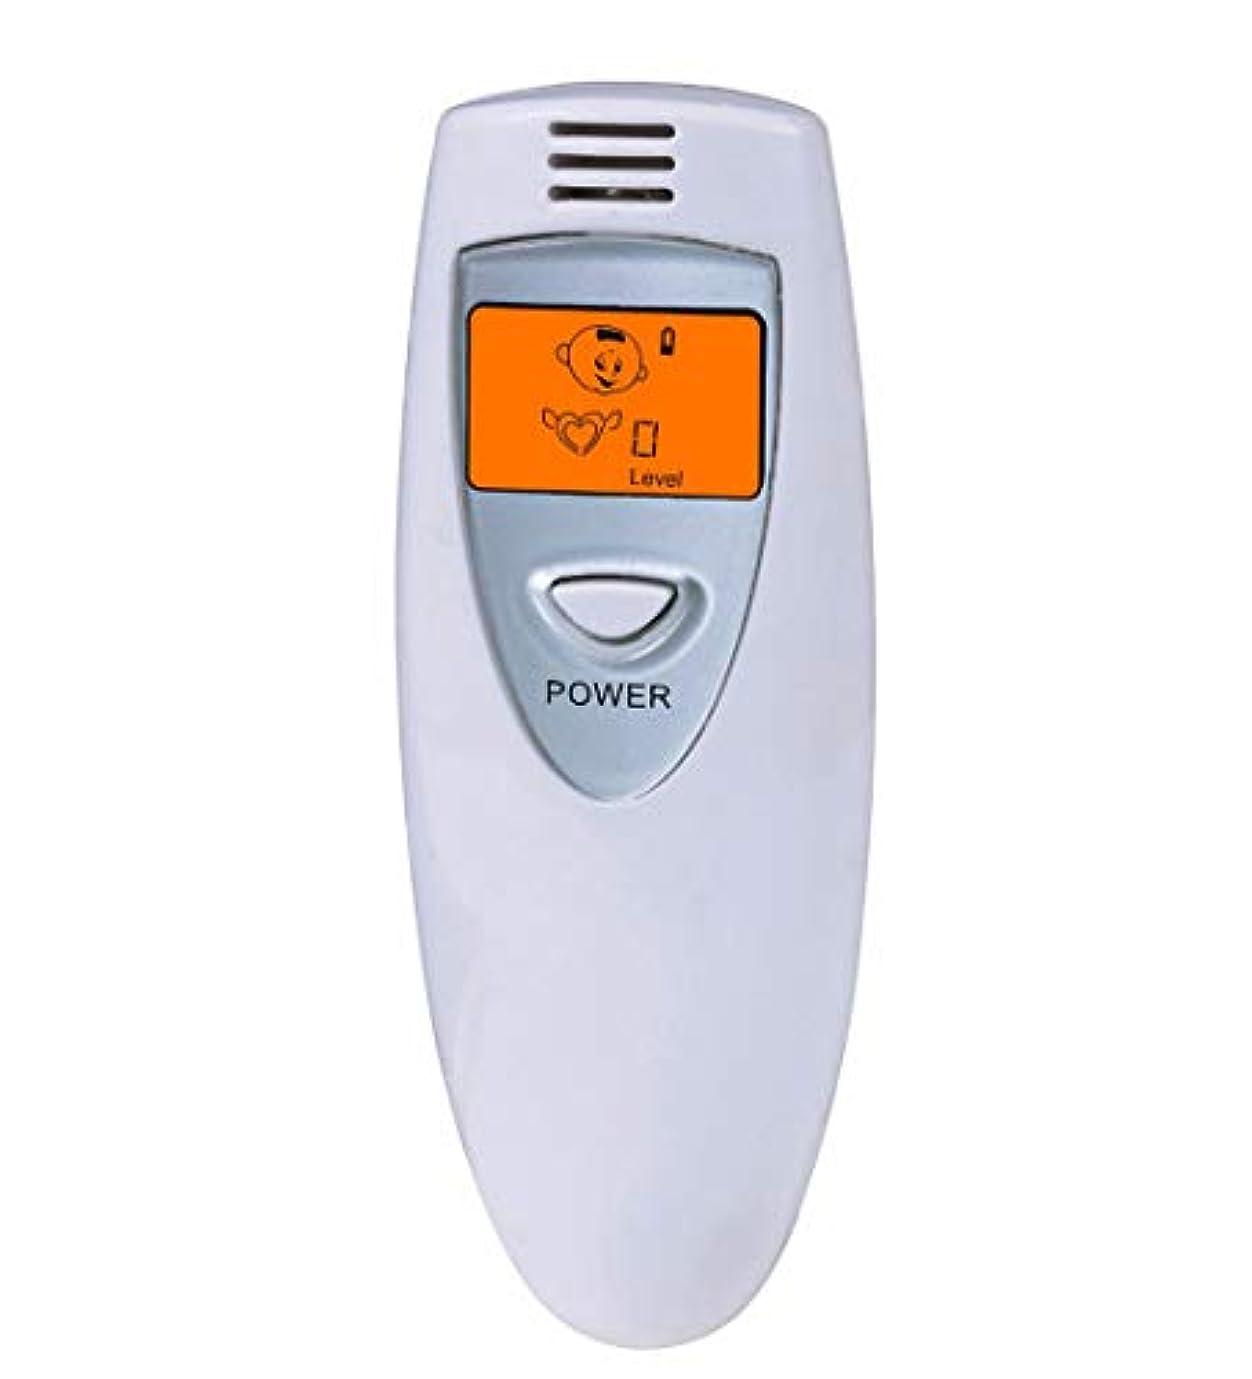 種特に突撃【瞬時測定】 携帯ブレスチェッカー デジタル口臭チェッカー 5段階レベル表示 コンパークト口臭予防検査器 大人子供エチケット (Grey)